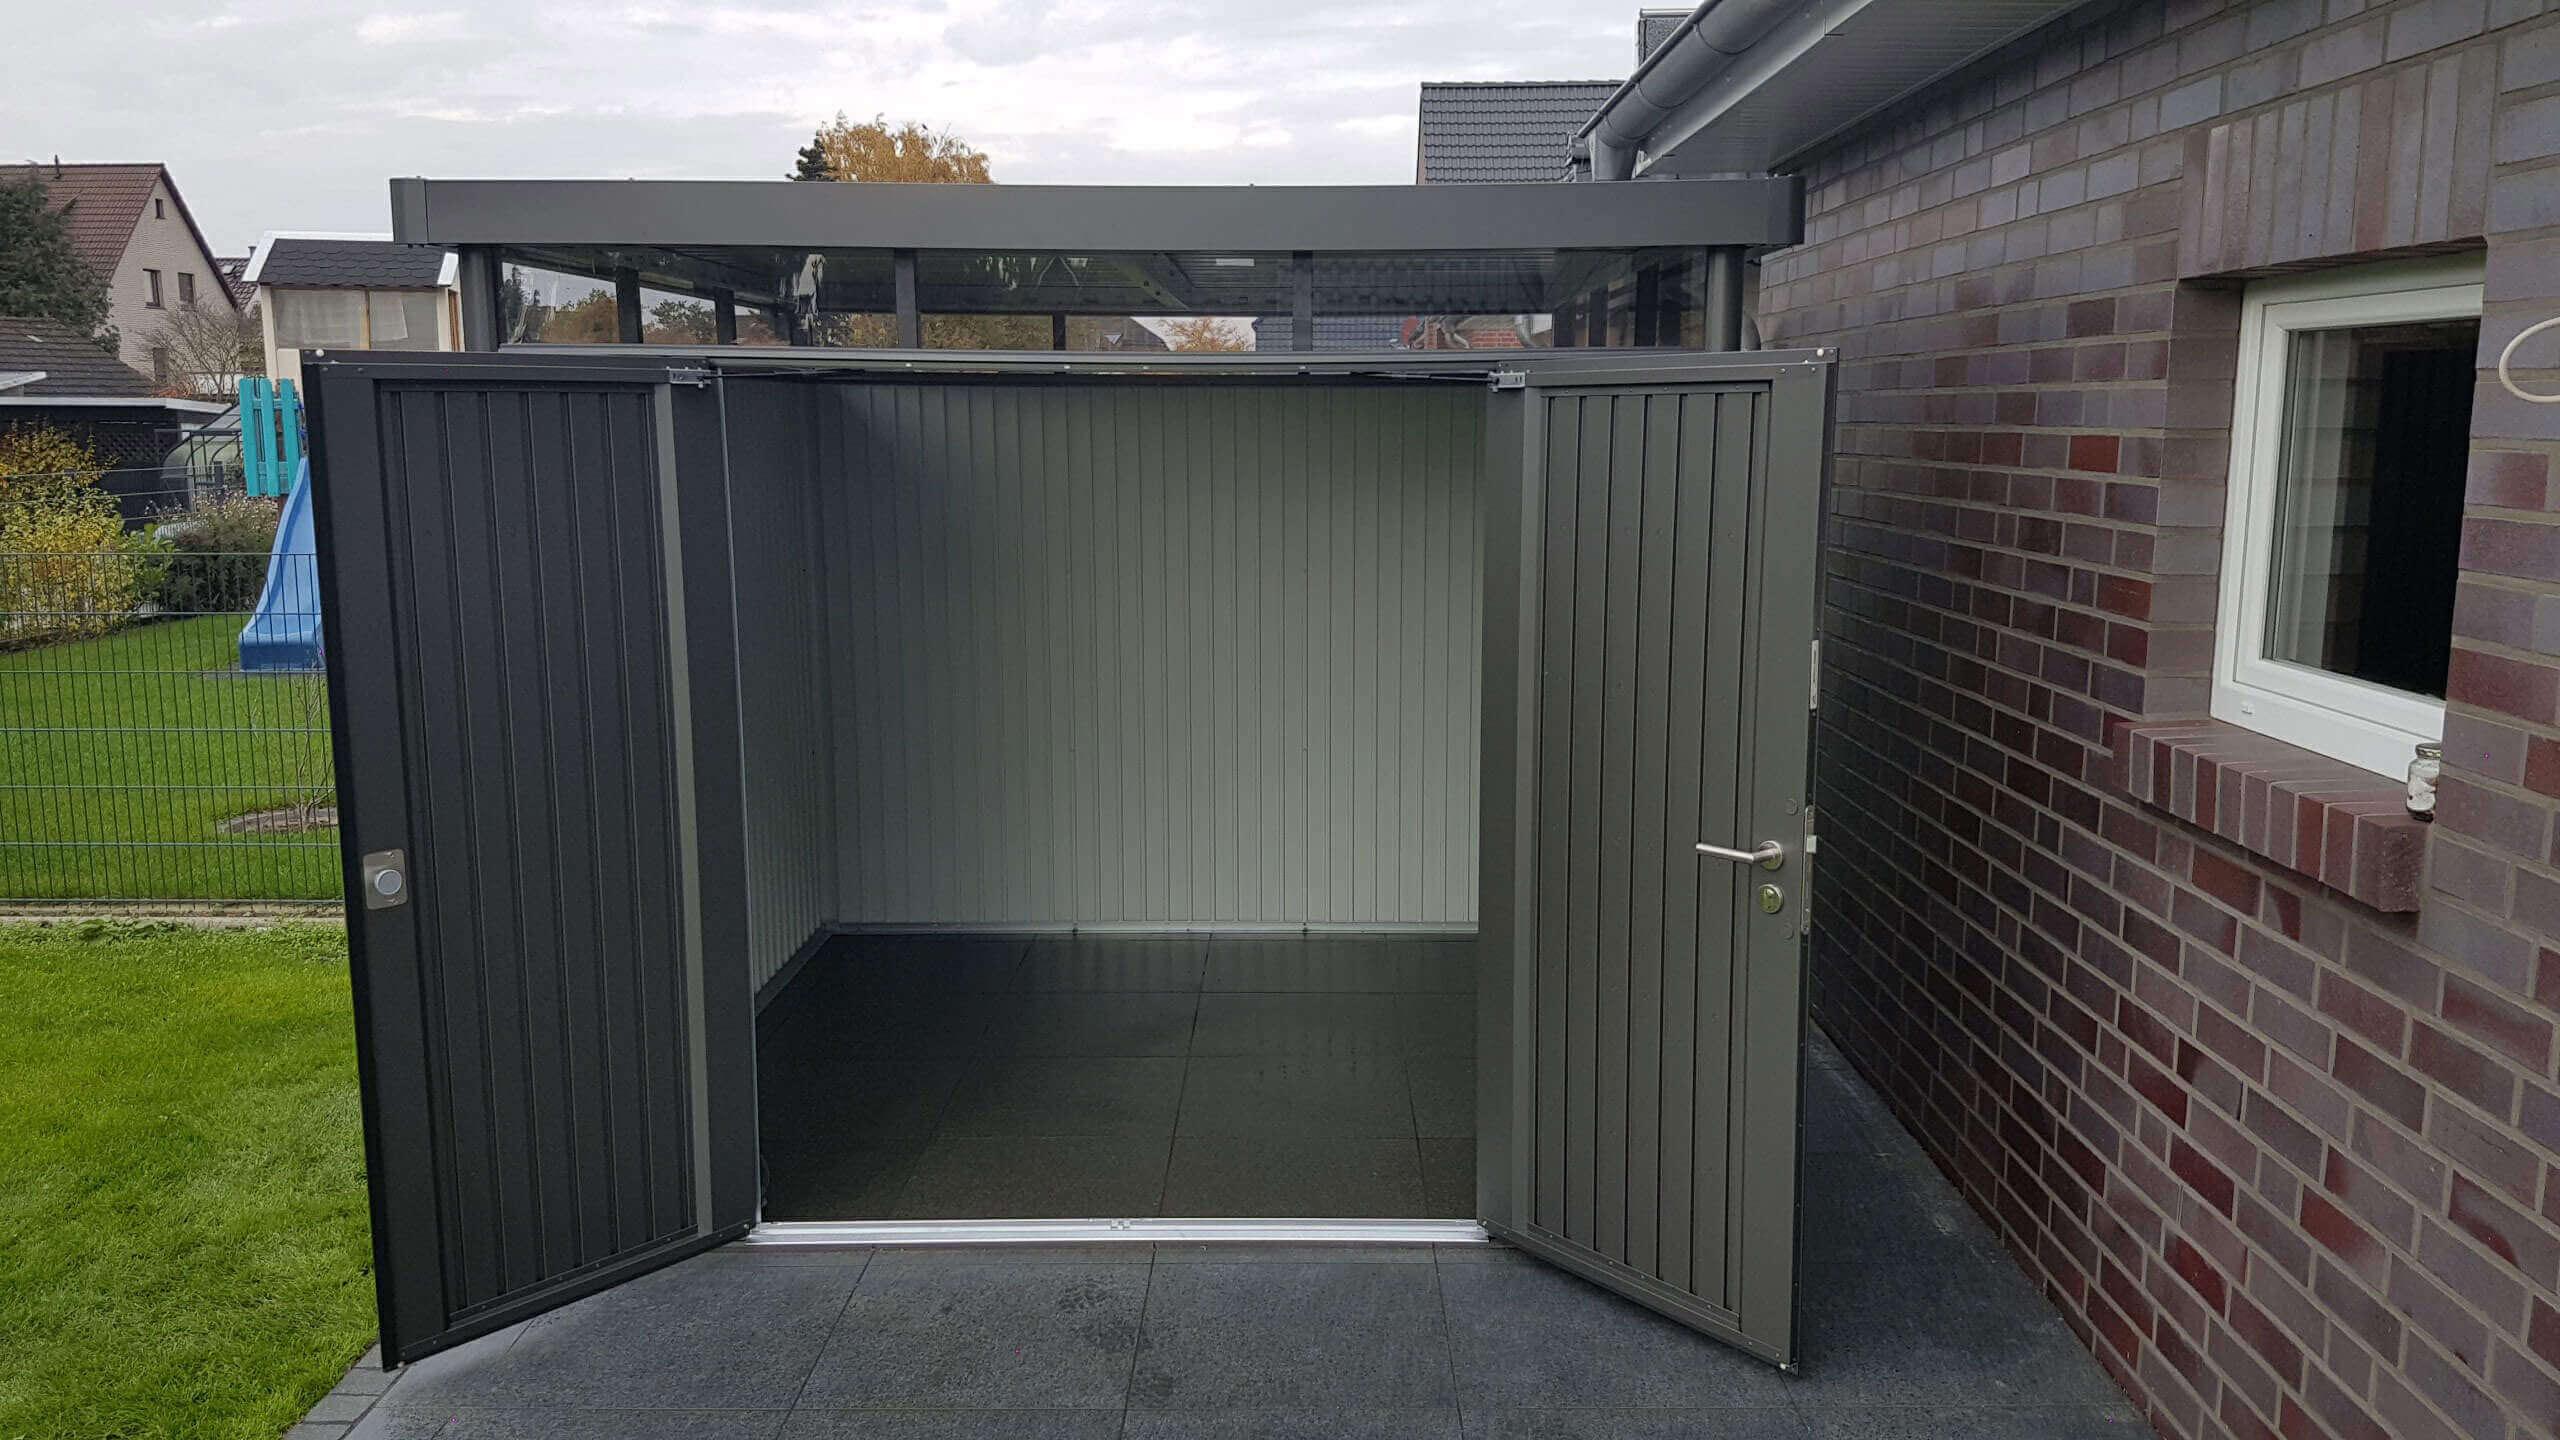 ▷ geräteschuppen aus metall: ratgeber zum metallgerätehaus aufbauen